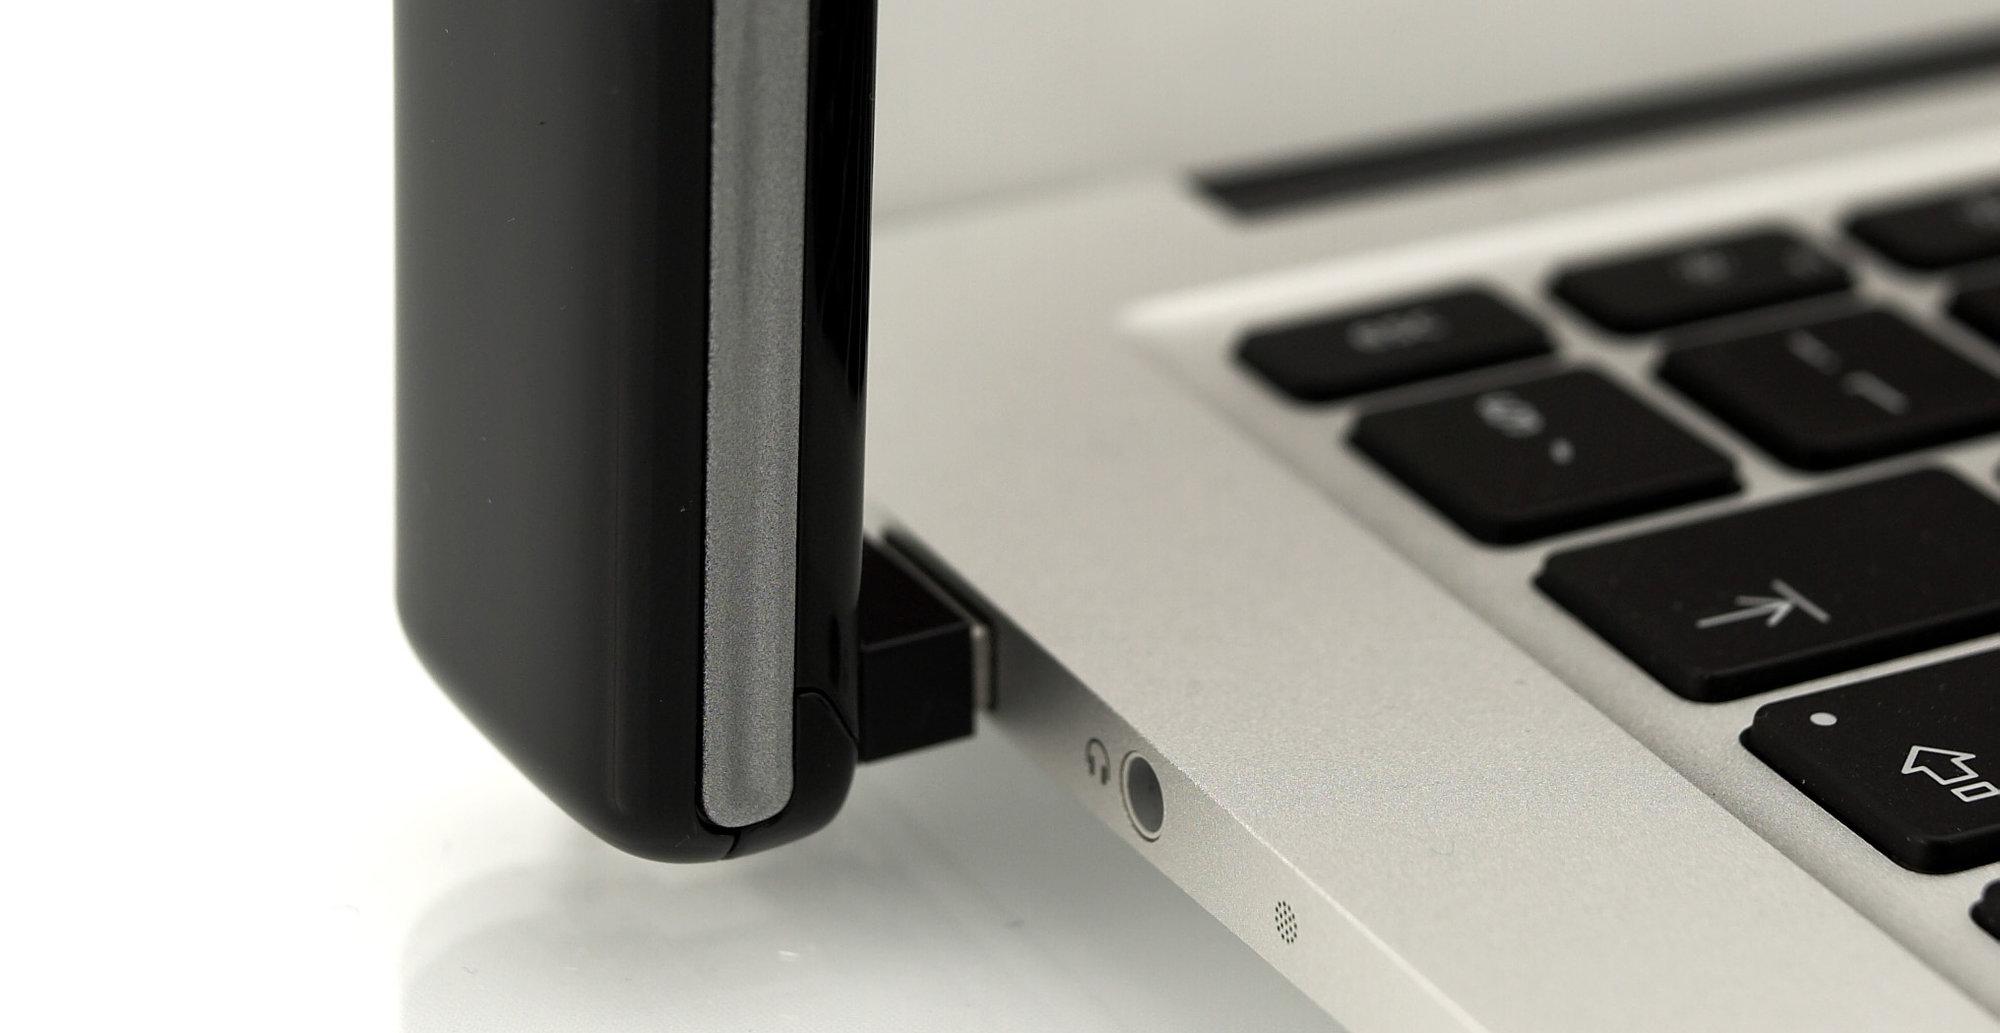 ZTEs MF821D 4G-dongel til PC og Mac.